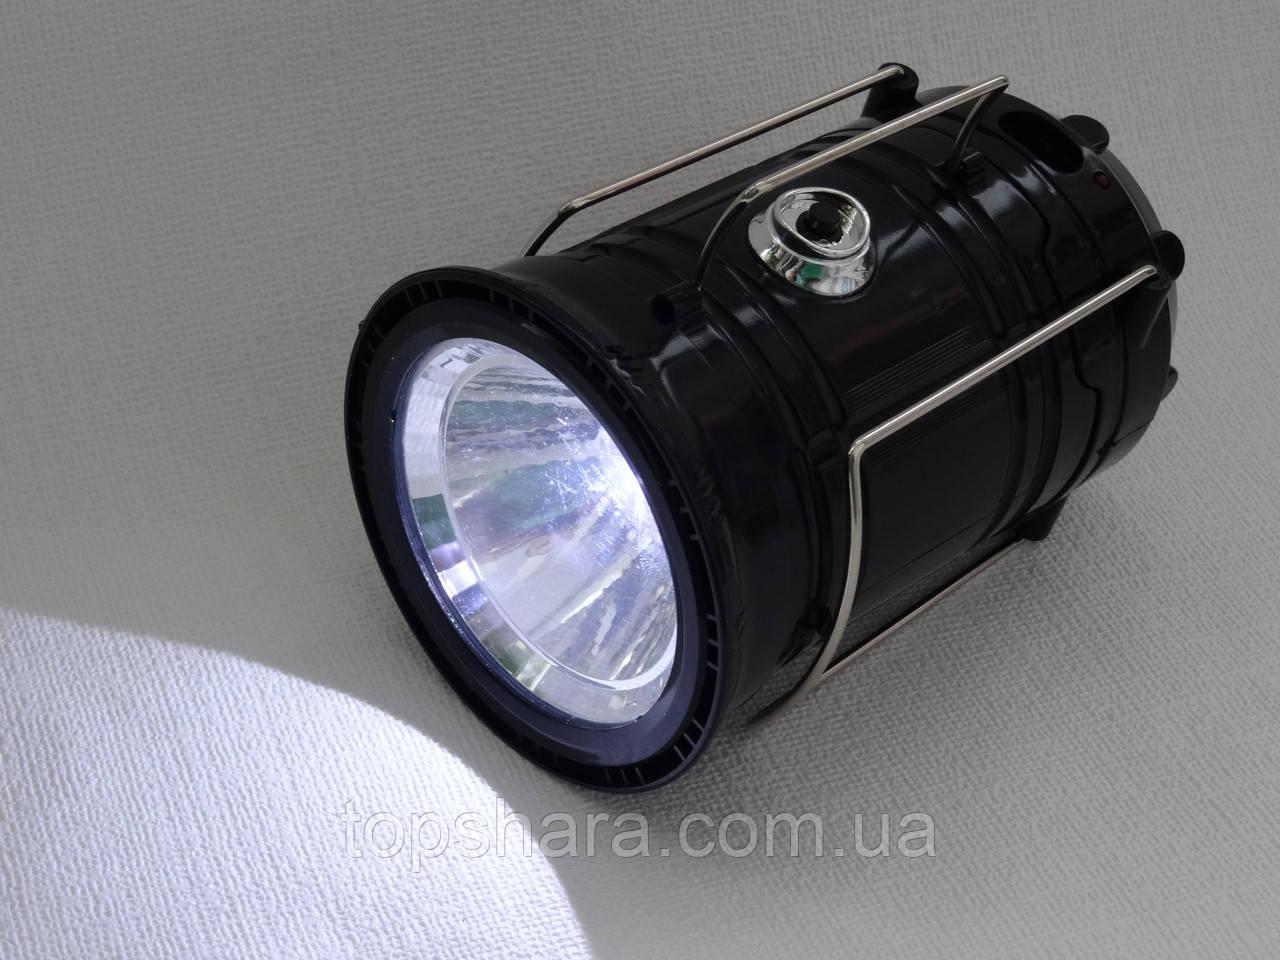 Кемпінговий акумуляторний фонарь SH-5800T сонячна батарея